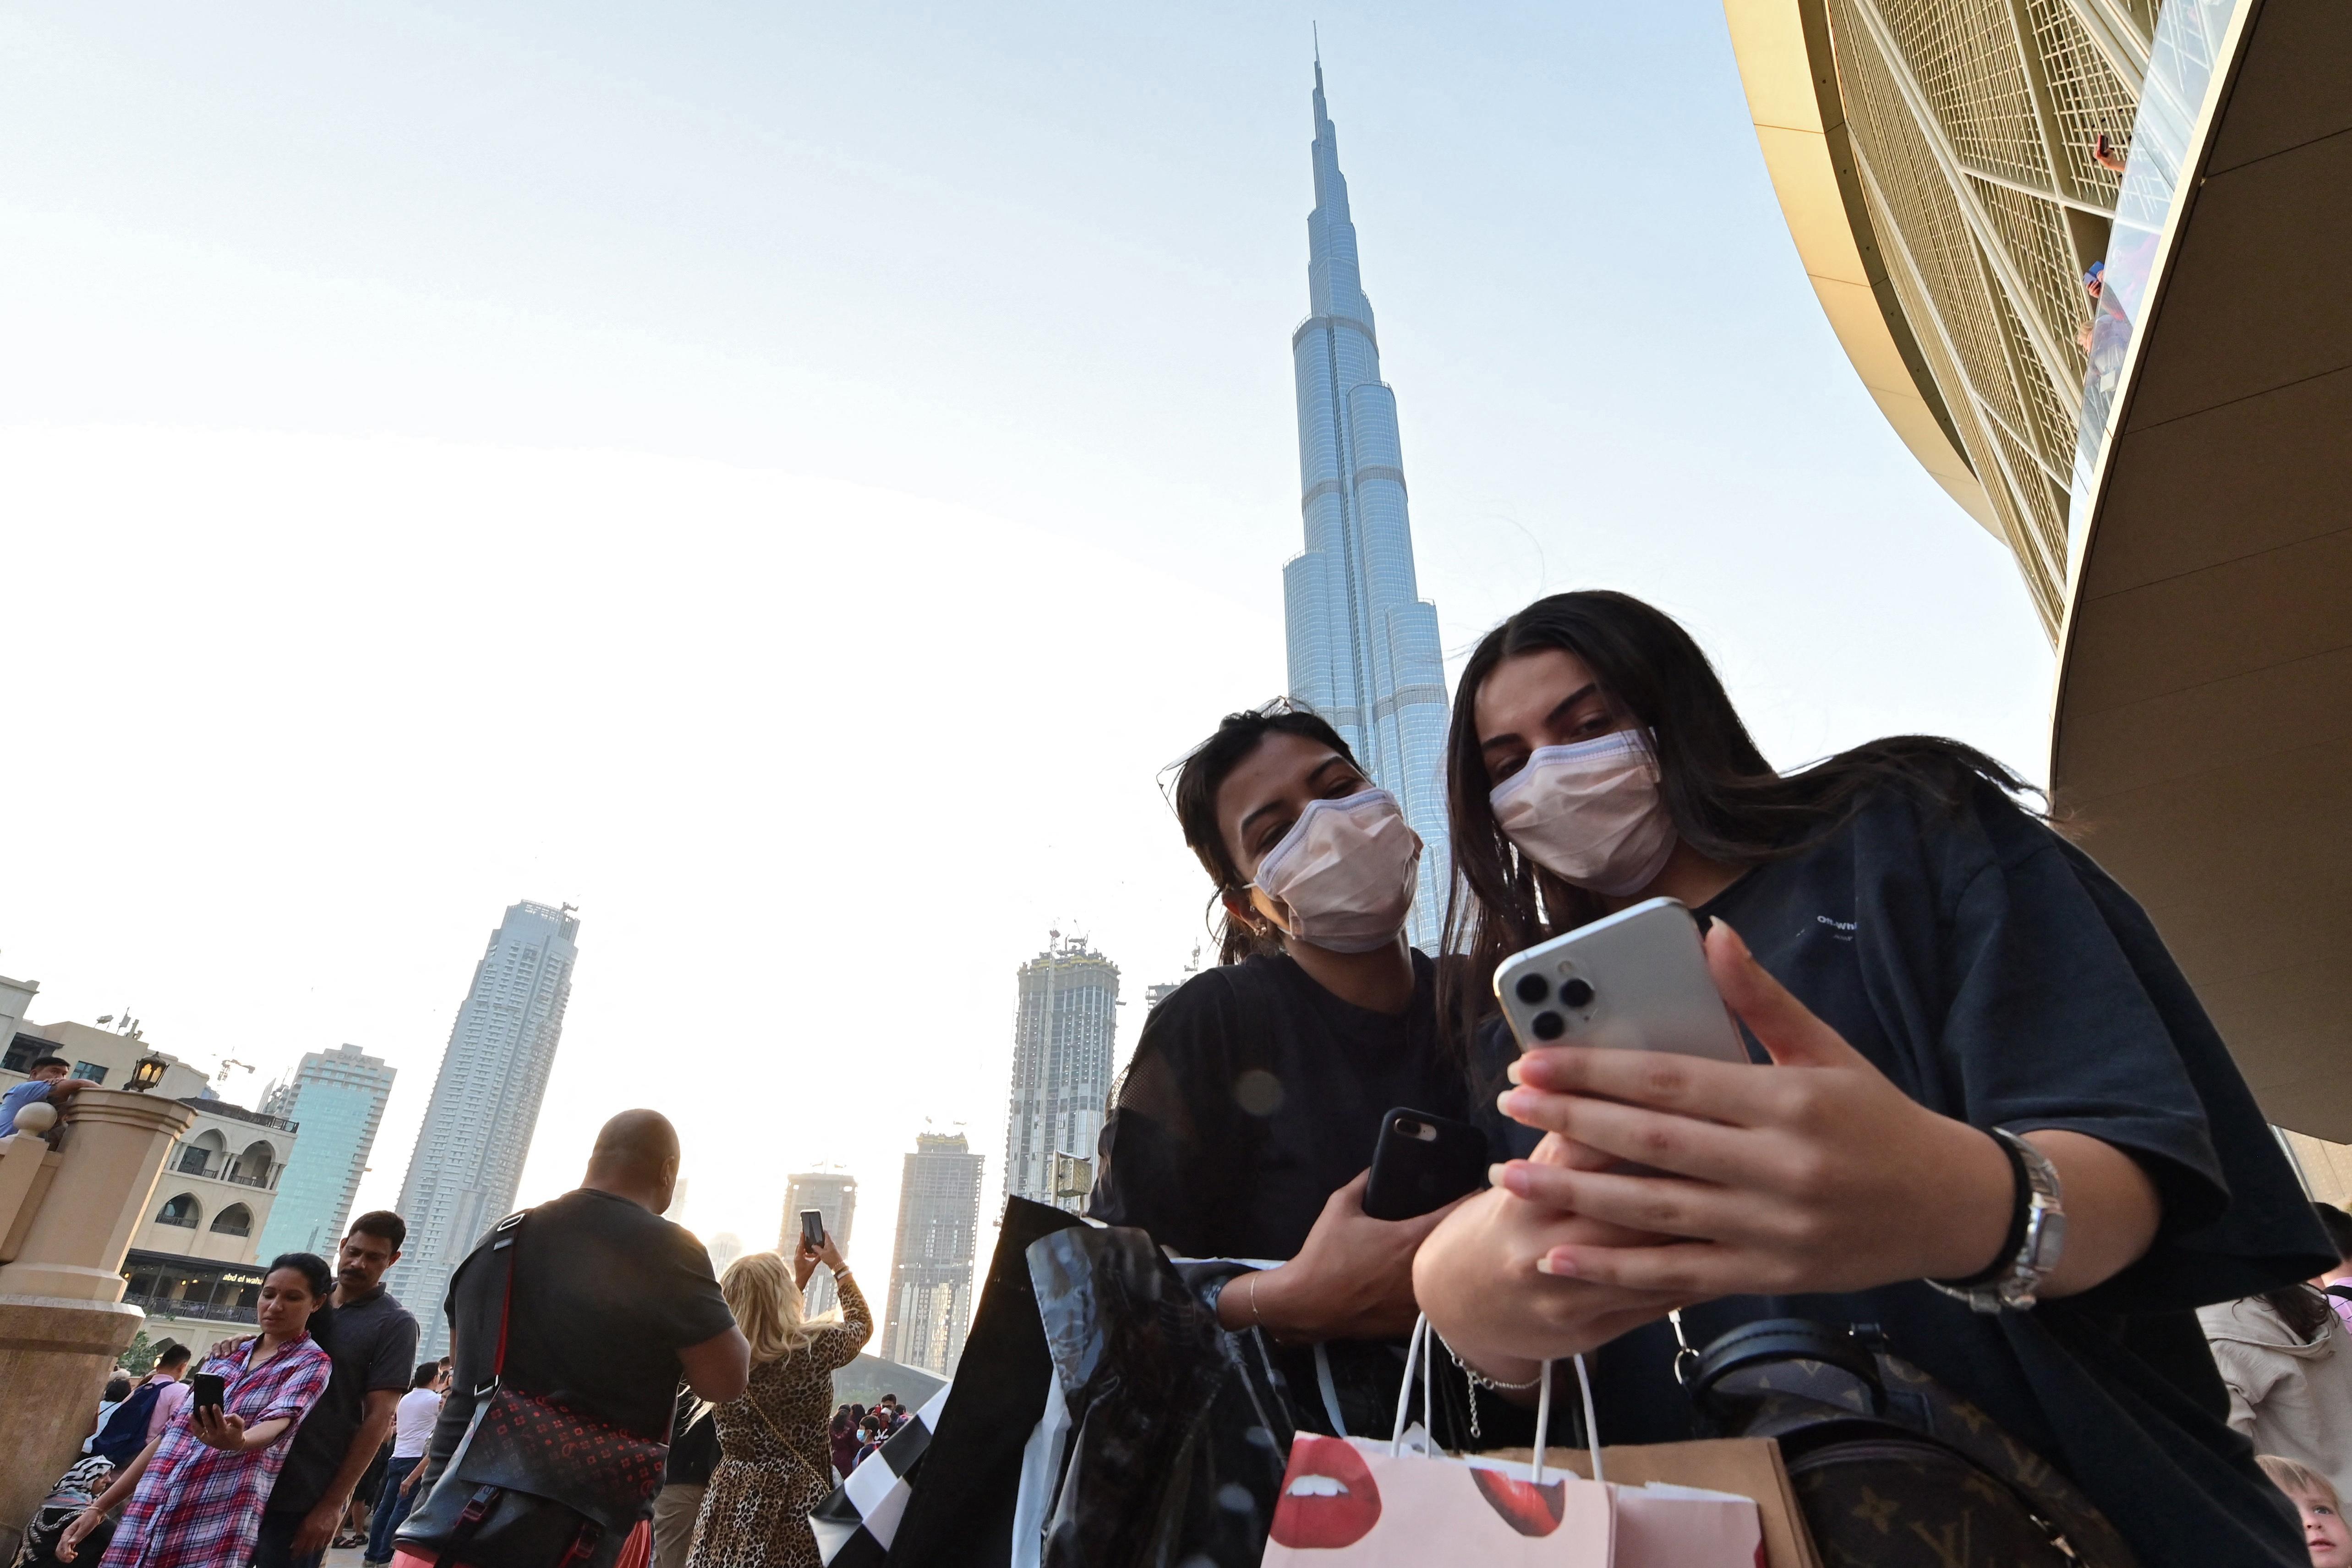 A járvány alatt sem hagyták magára Dubajt az influenszerek, akik azonban idővel átszokhatnak Szaúd-Arábiába